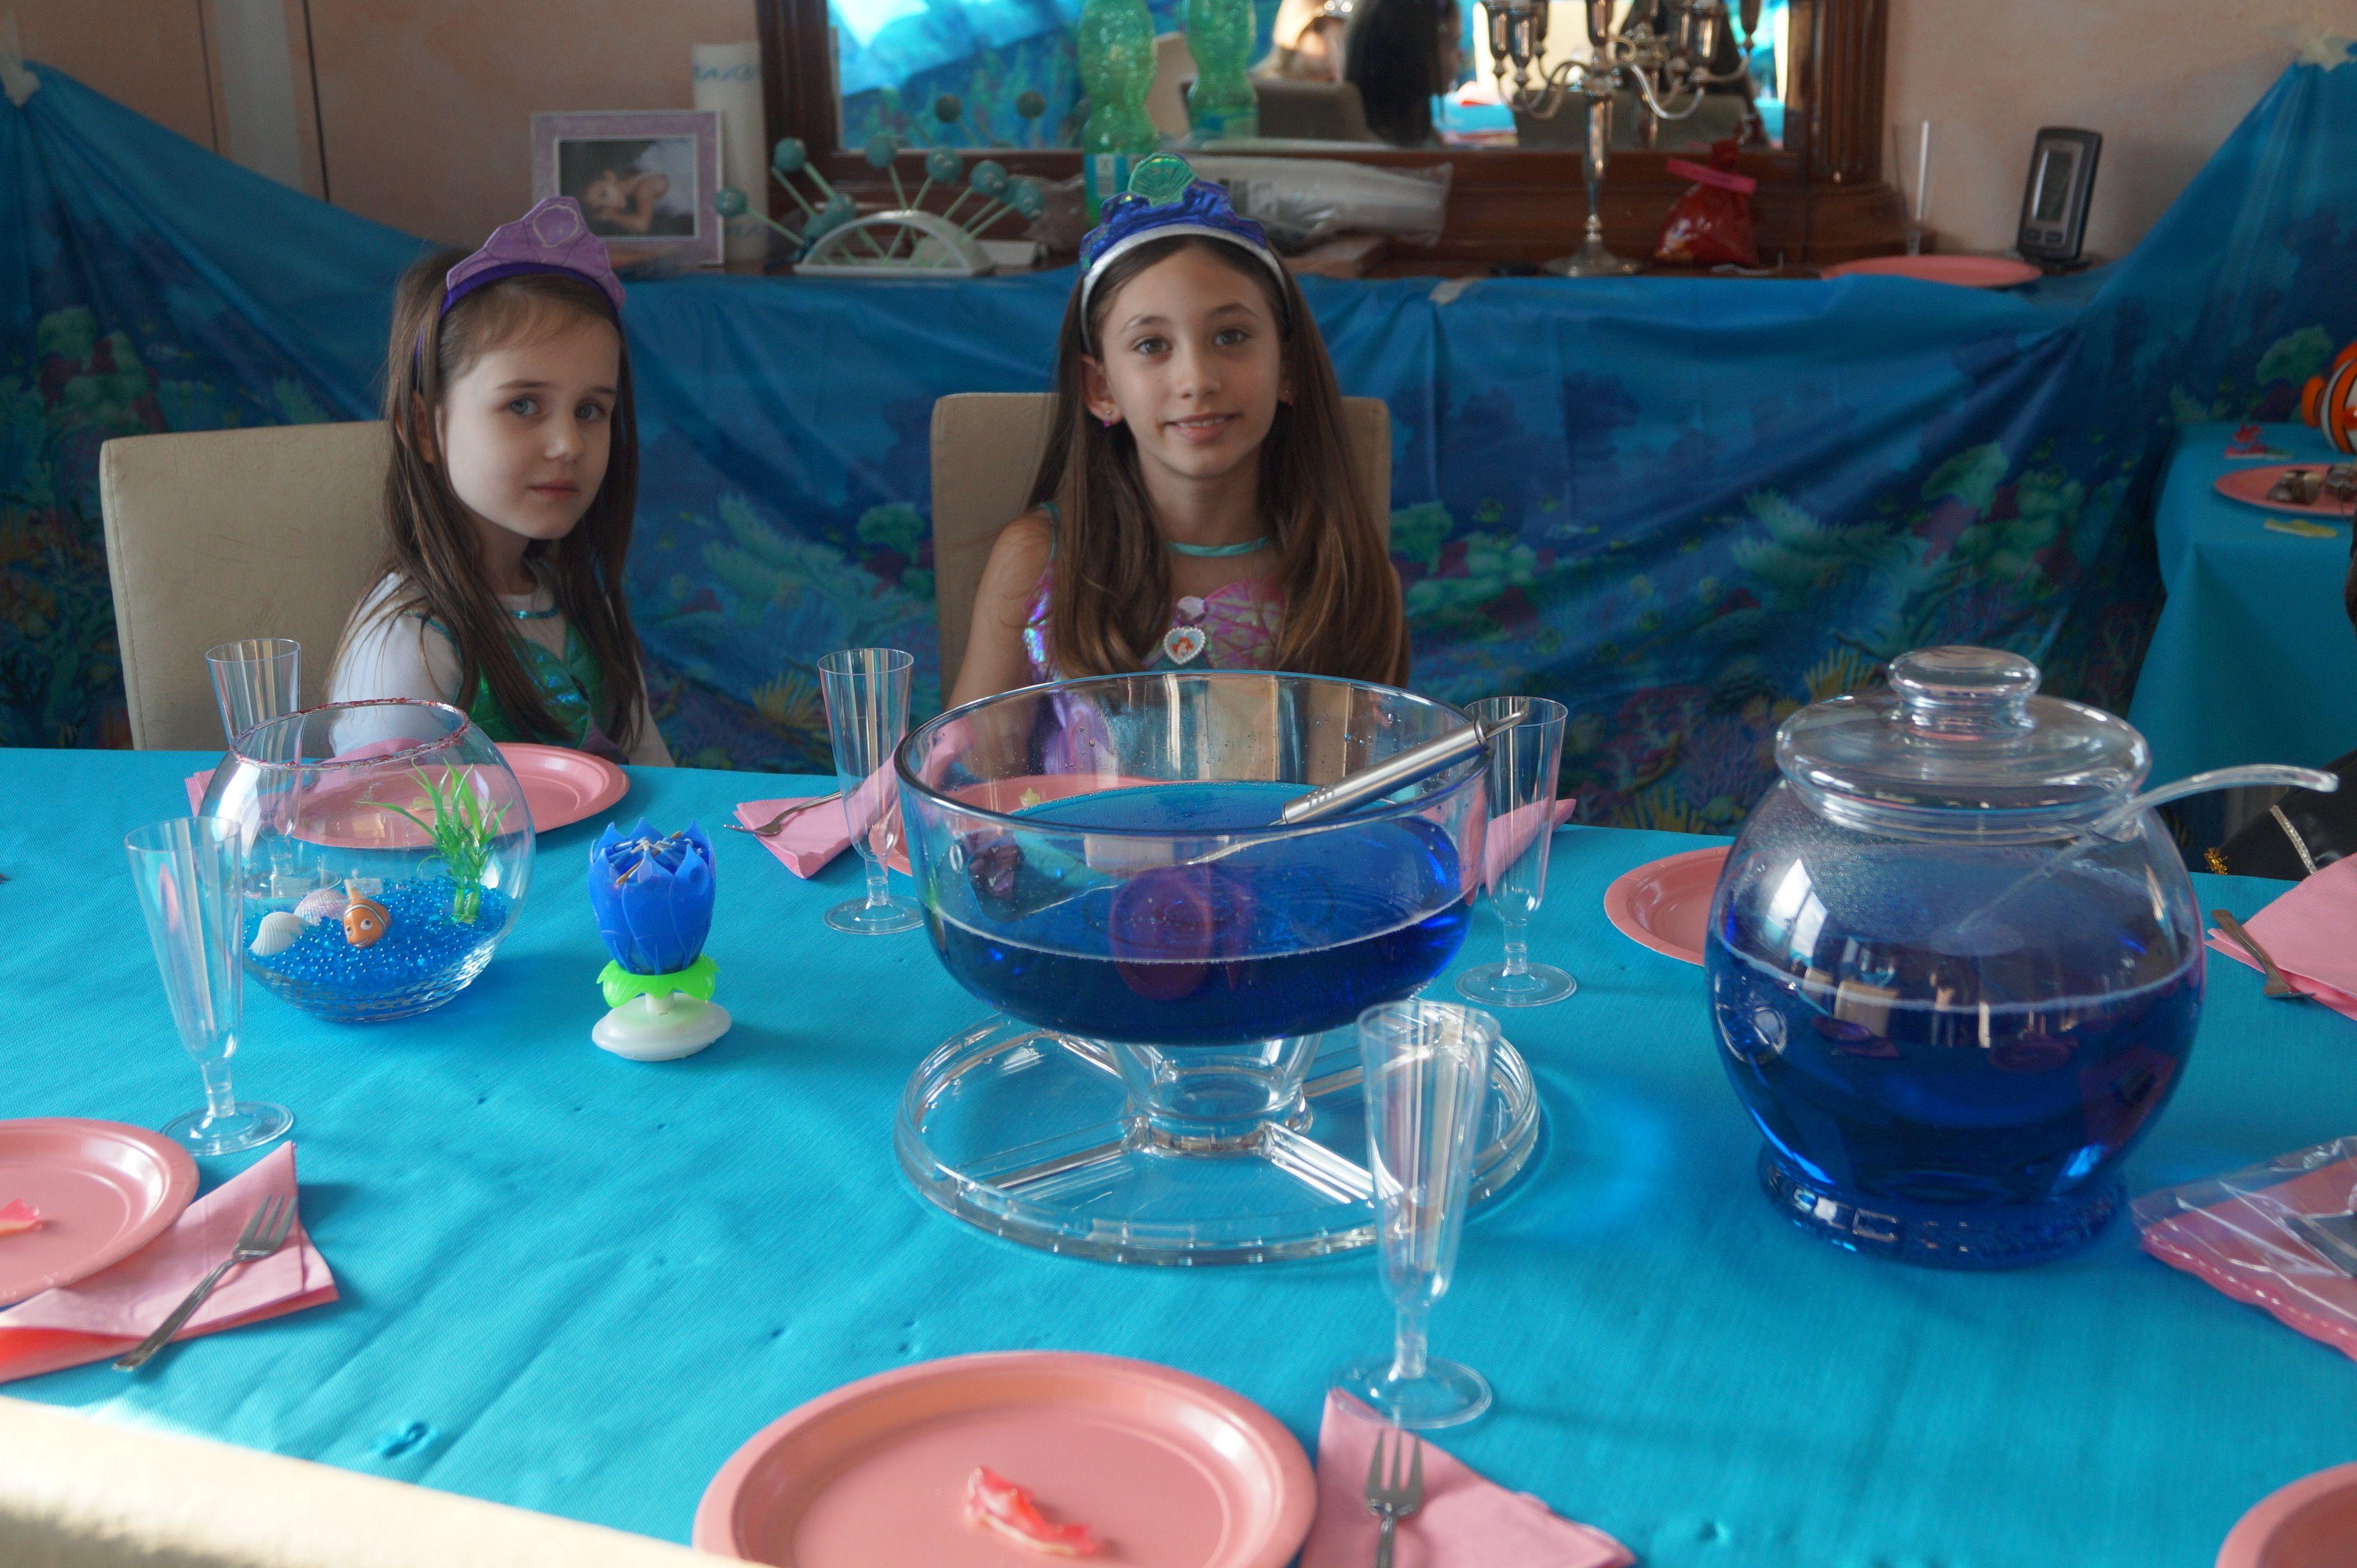 Tischdekoration mit passenden Getränken - blaue Lagune